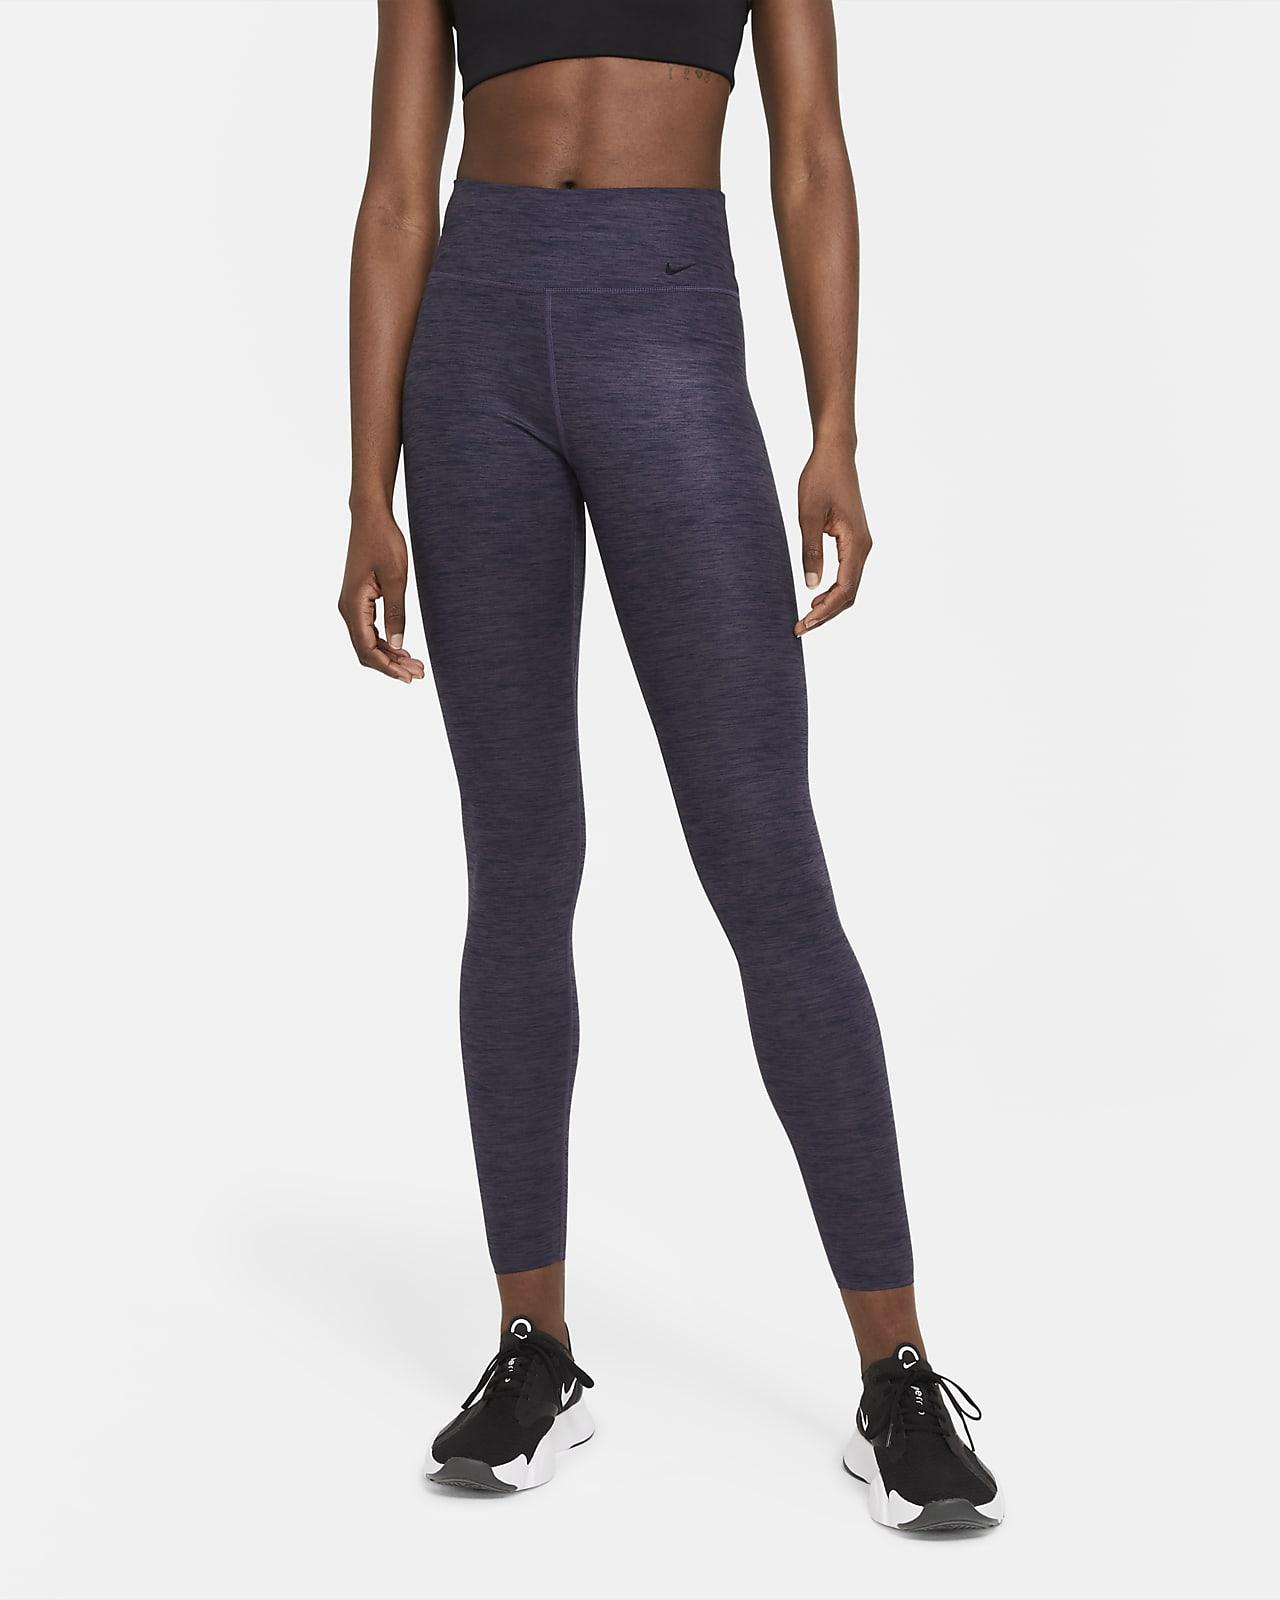 Nike One Luxe Gemêleerde damestights met halfhoge taille